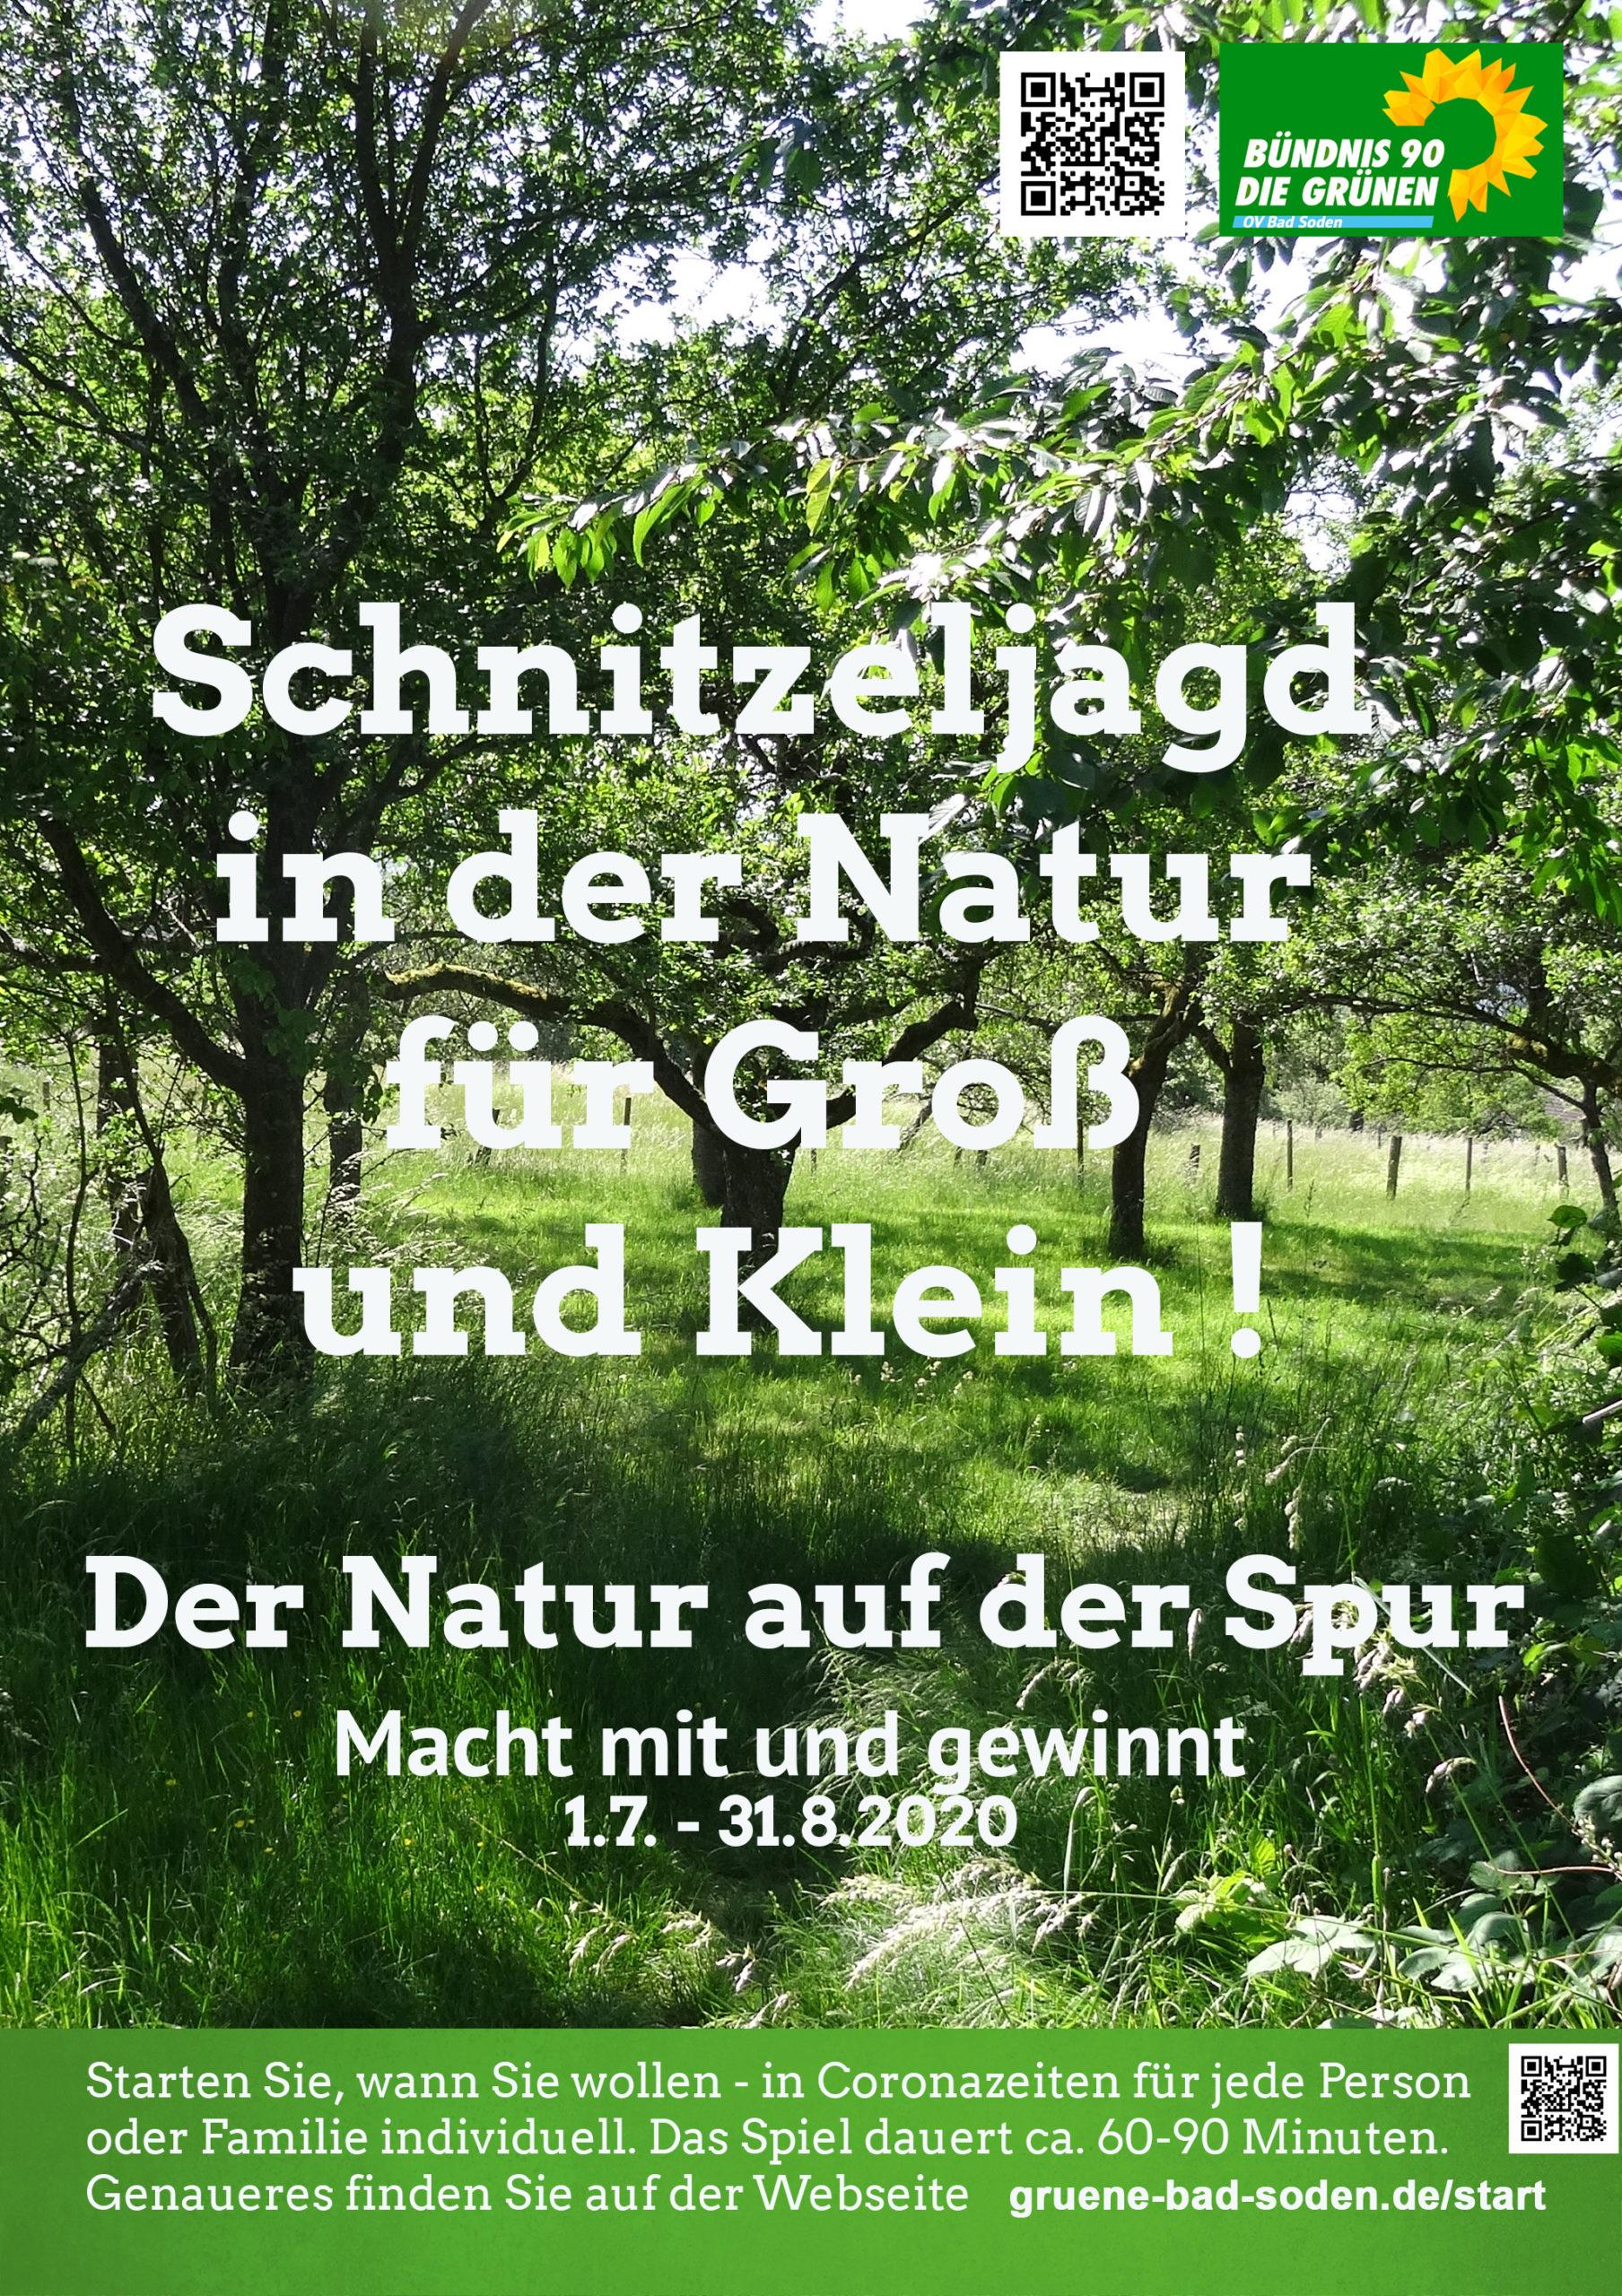 Schnitzeljagd für Groß und Klein: Der Natur auf der Spur!